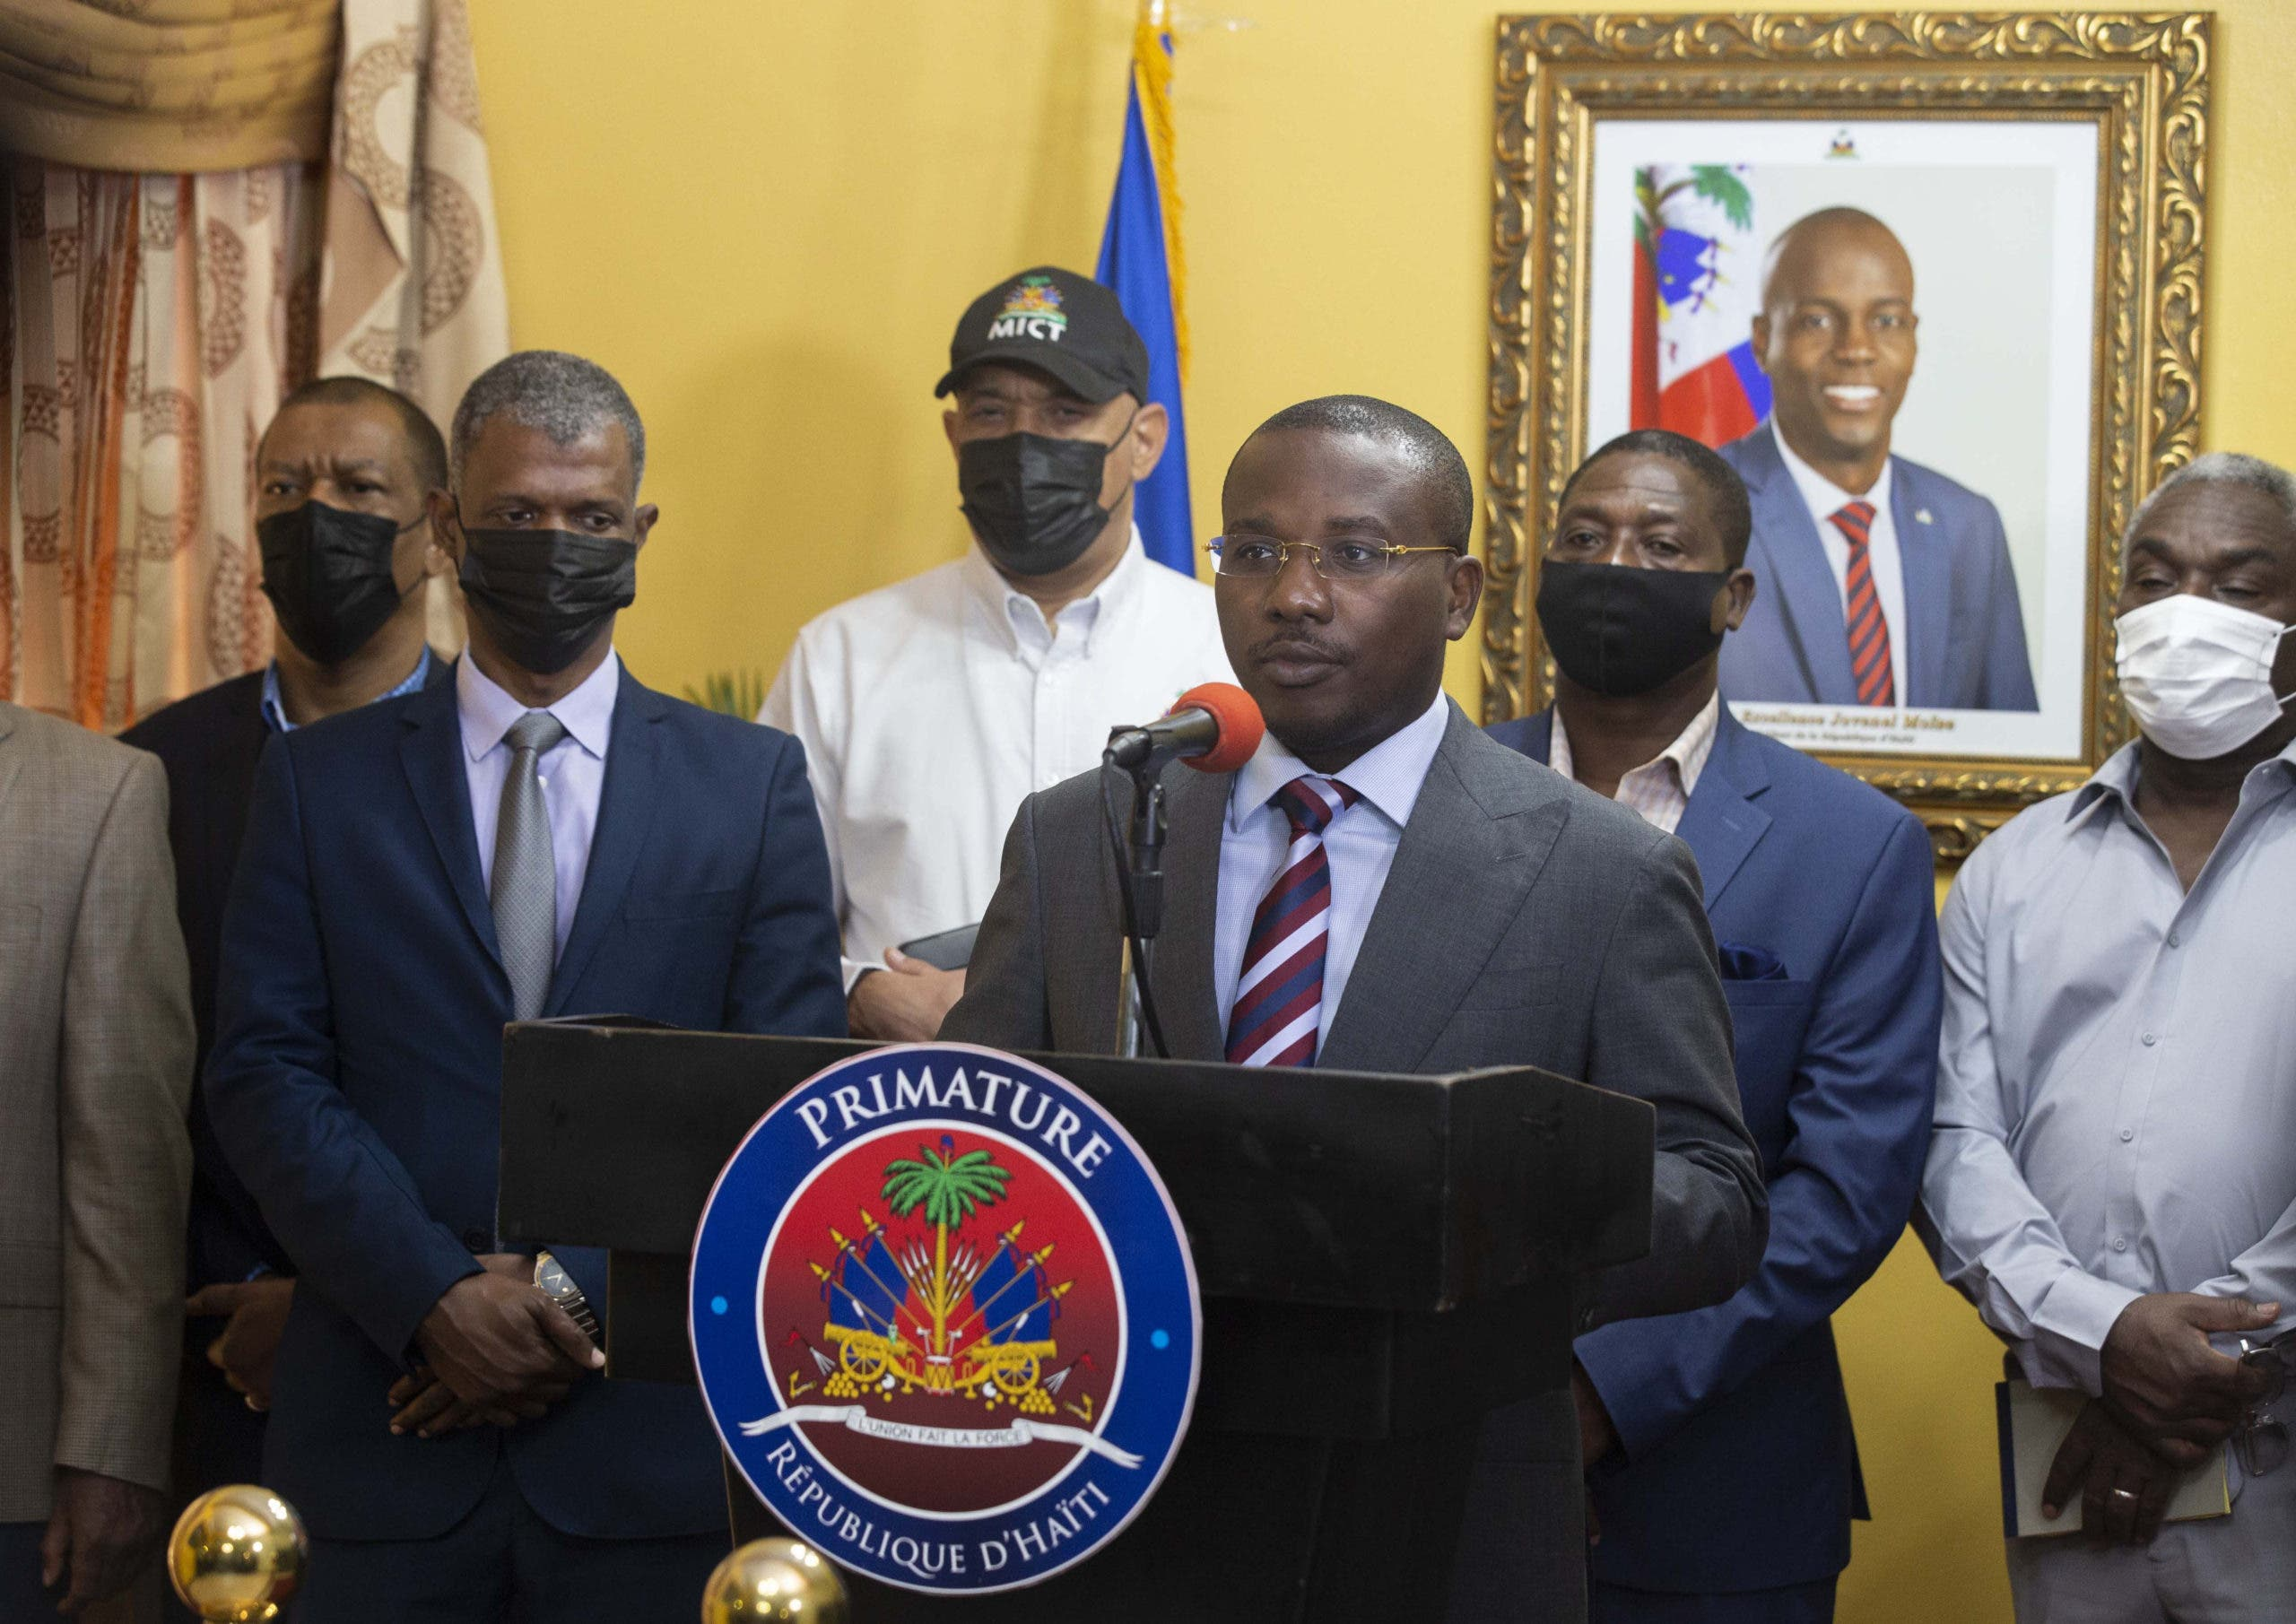 Estados Unidos ve a Claude Joseph como primer ministro de Haití